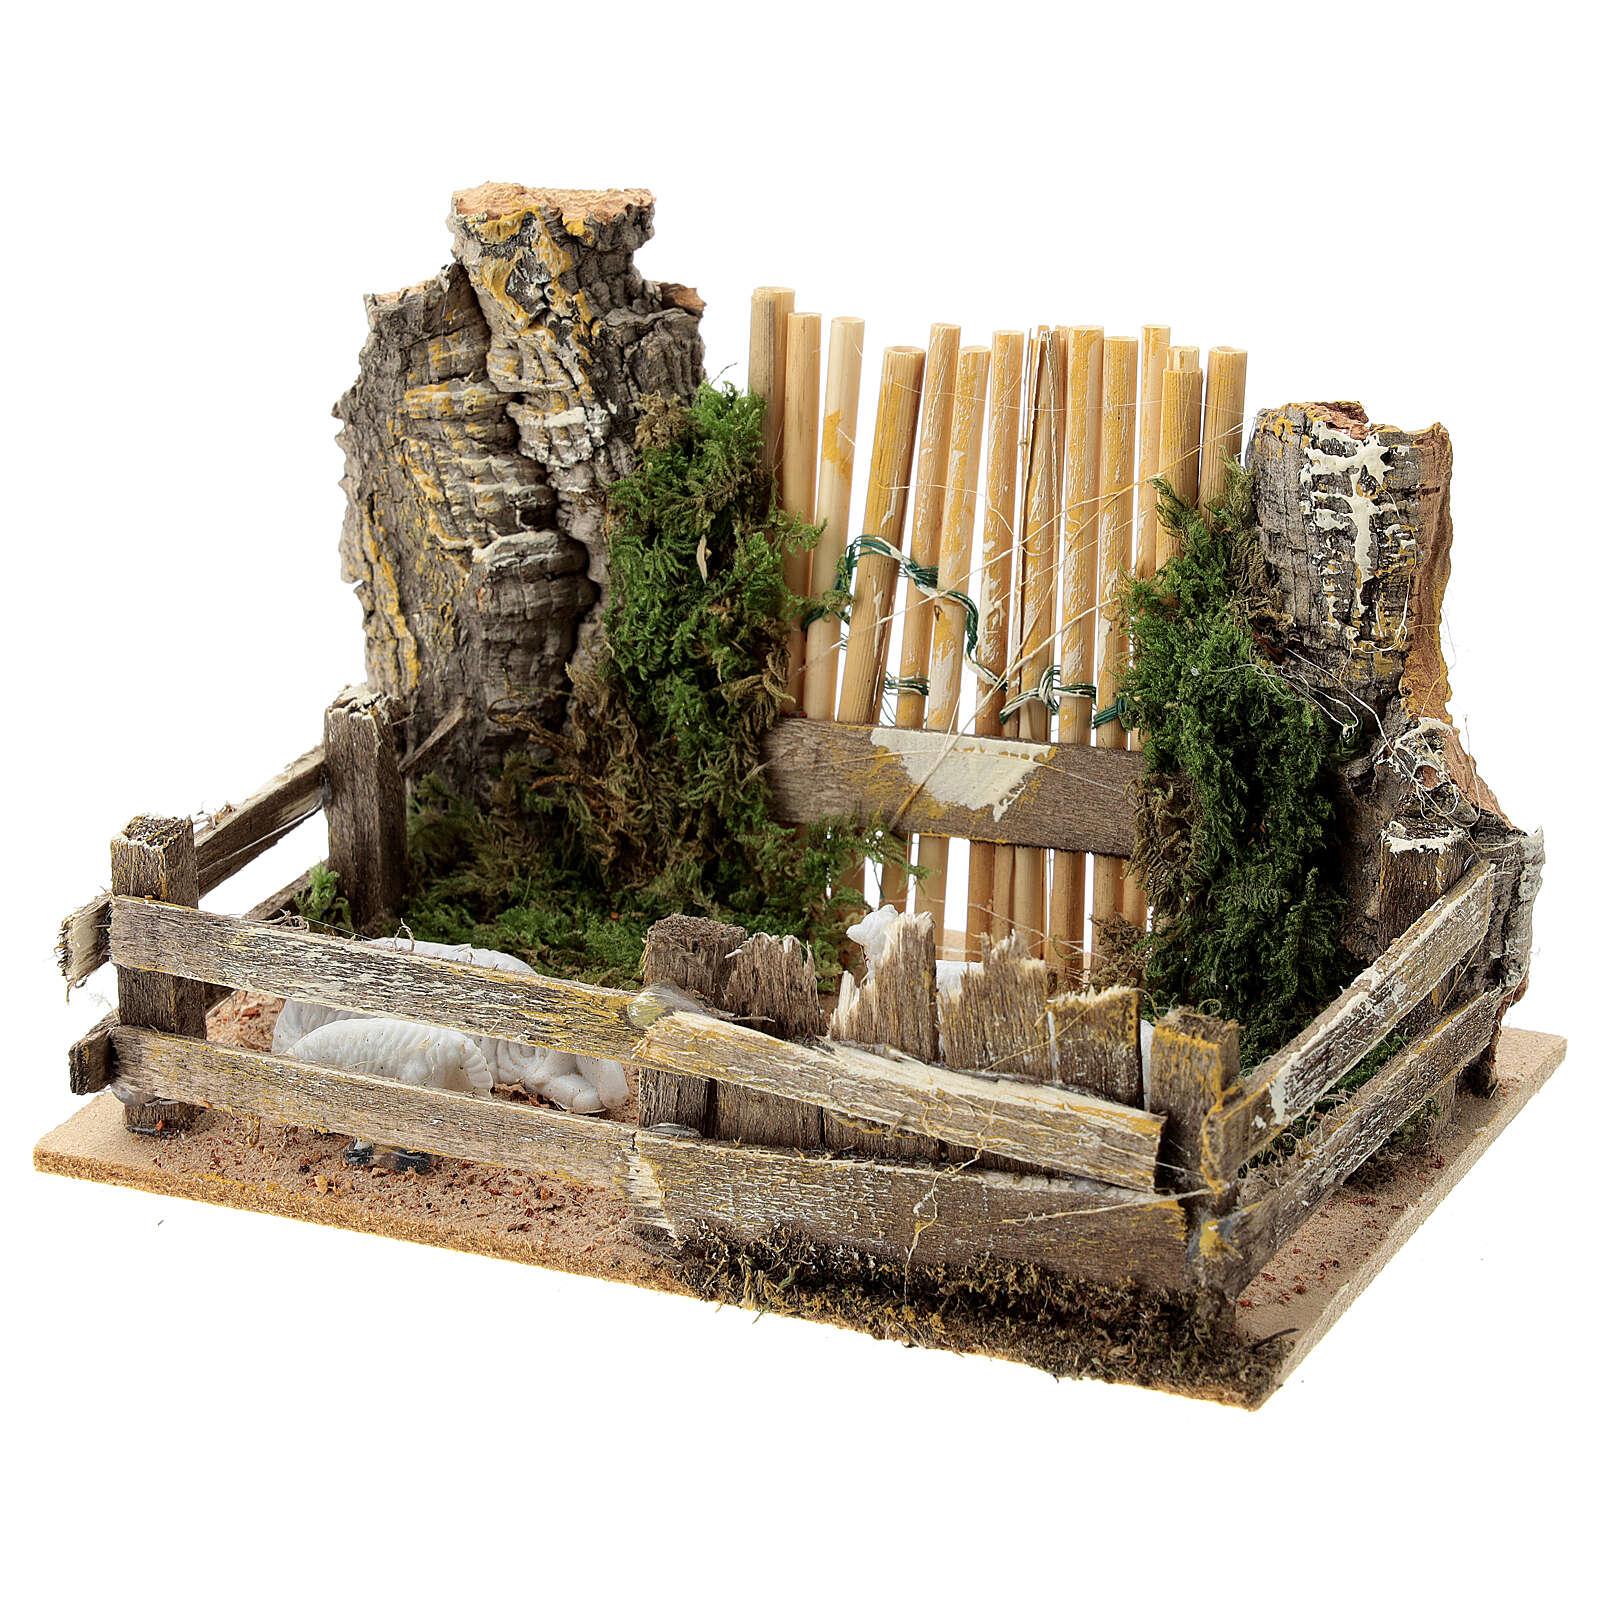 Schafsgehege aus Holz und Kork für Krippe, 10x15x10 cm 4